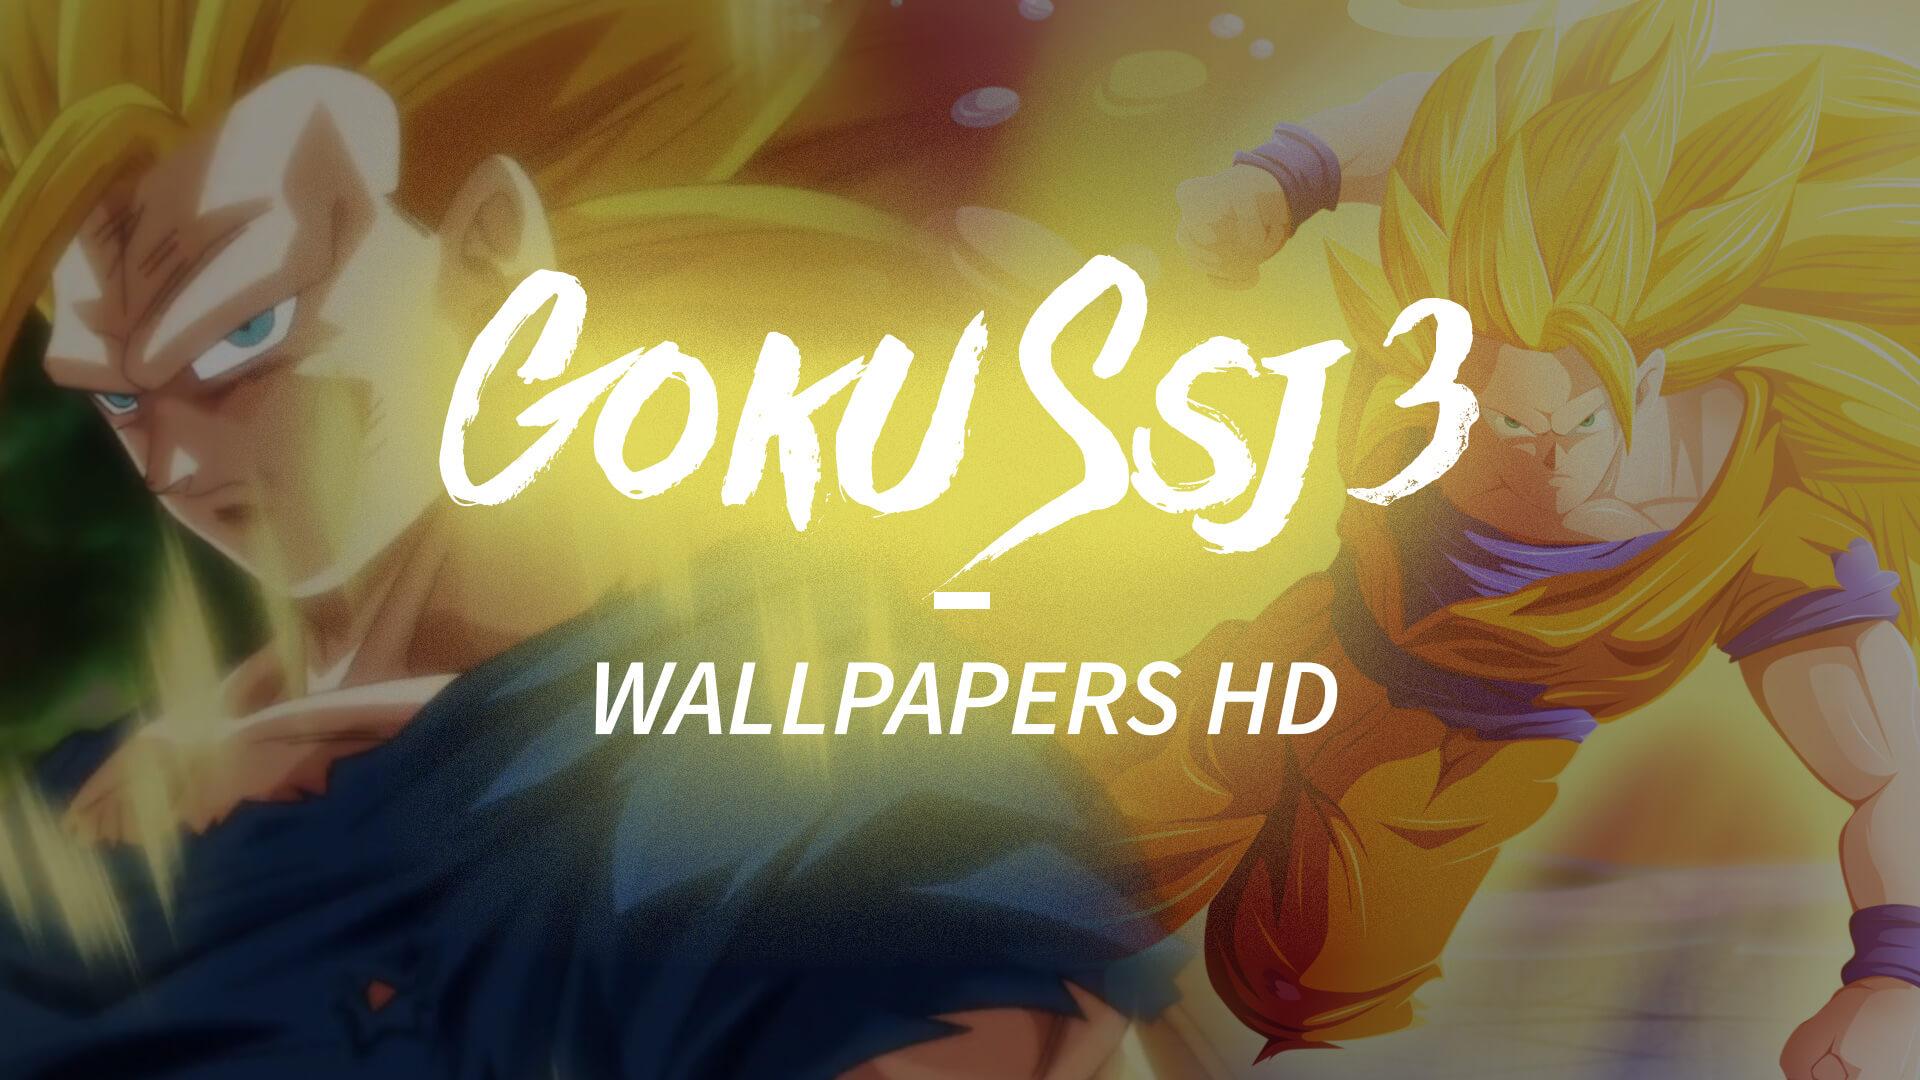 WALLPAPERS-DE-GOKU-SSJ-3-EN-HD-Y-4K